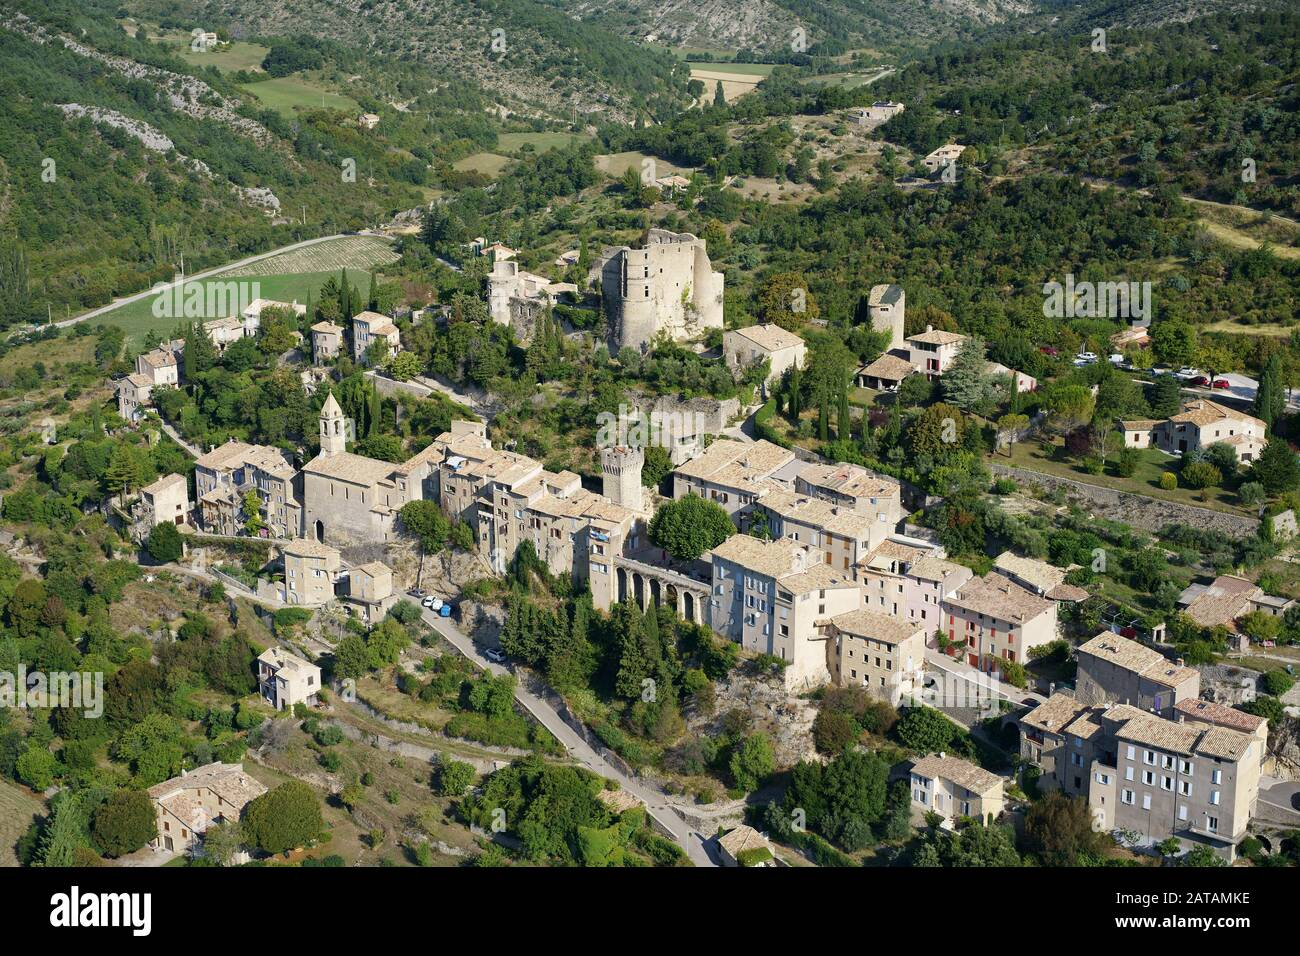 VISTA AÉREA - Pueblo provenzal construido en una colina, coronado con un castillo medieval en ruinas. Montbrun-les-Bains, Drome, Francia. Foto de stock